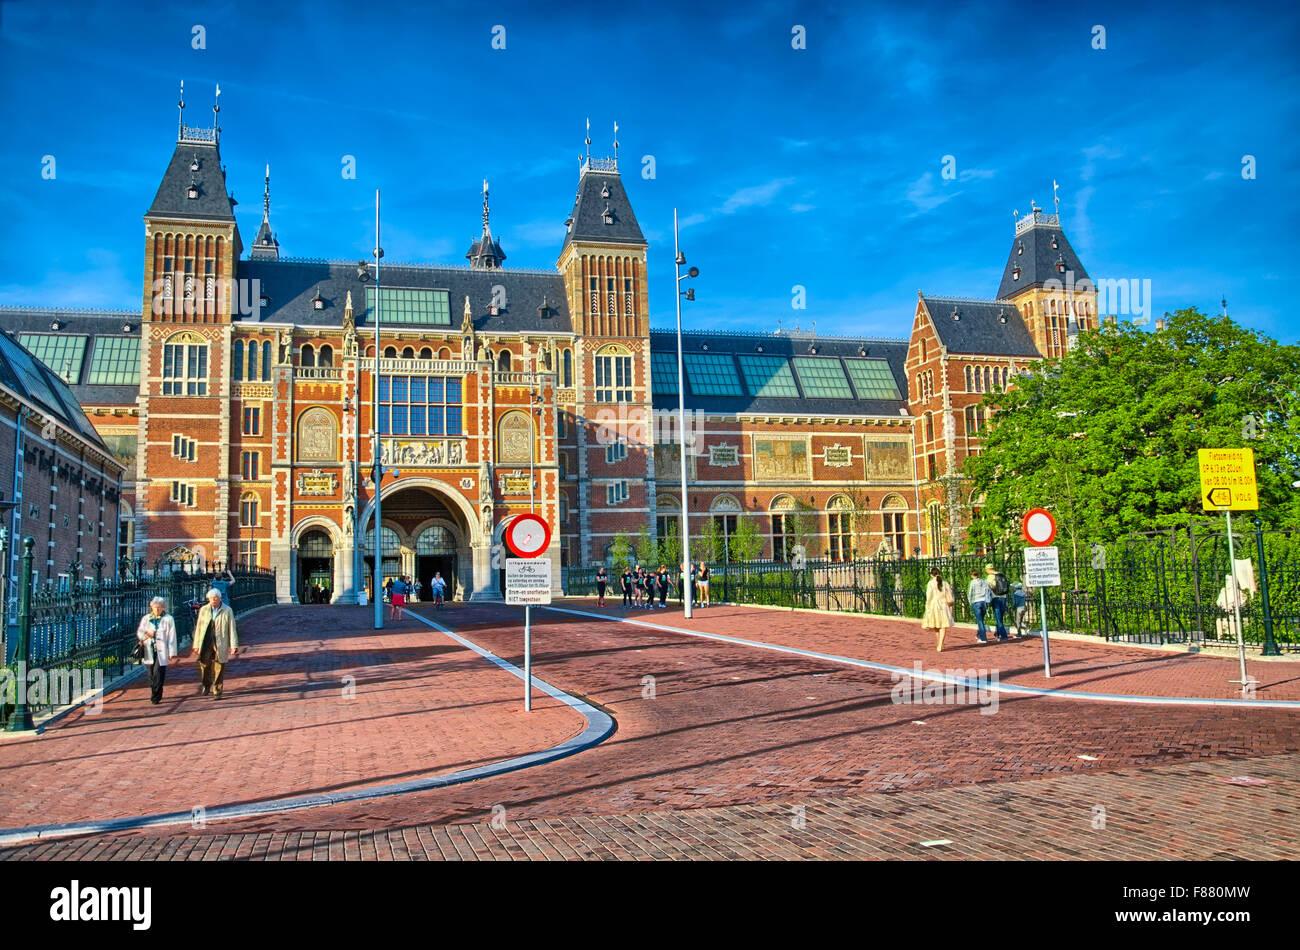 Rijksmuseum Amsterdam Museum in Holland, Netherlads, HDR Stockbild